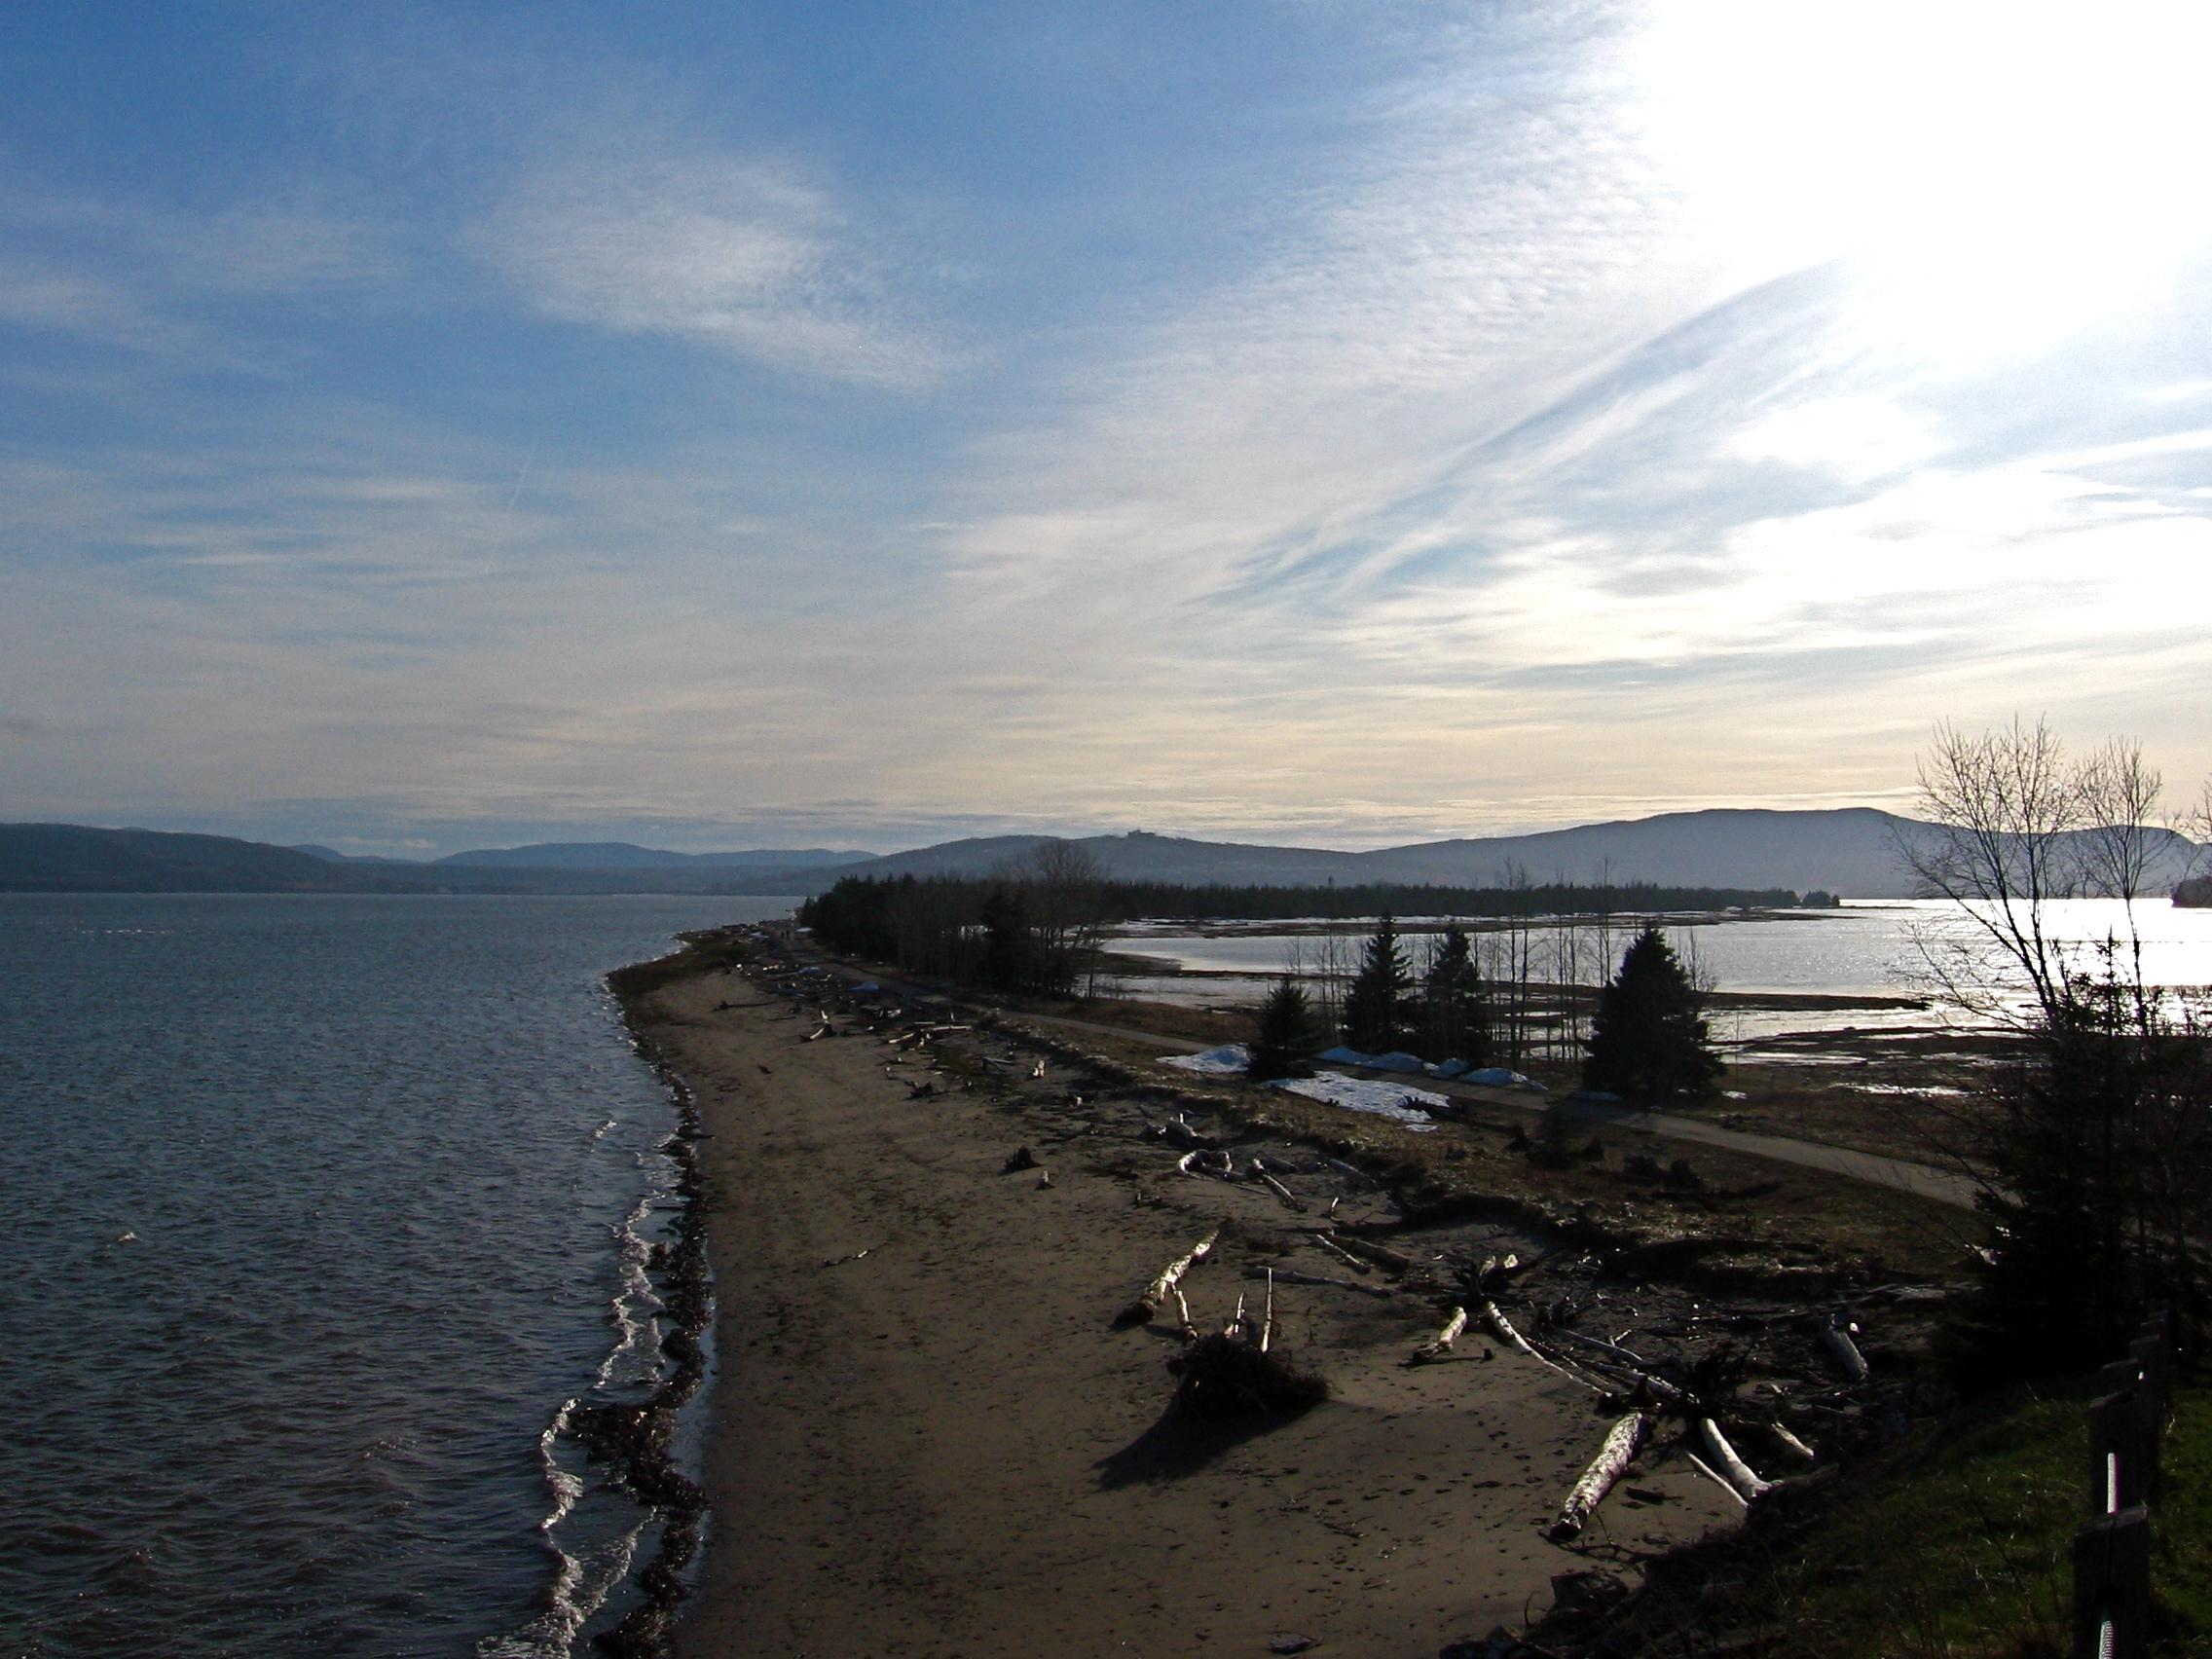 Winter Landscape, Cold, Landscape, Nature, Sea, HQ Photo